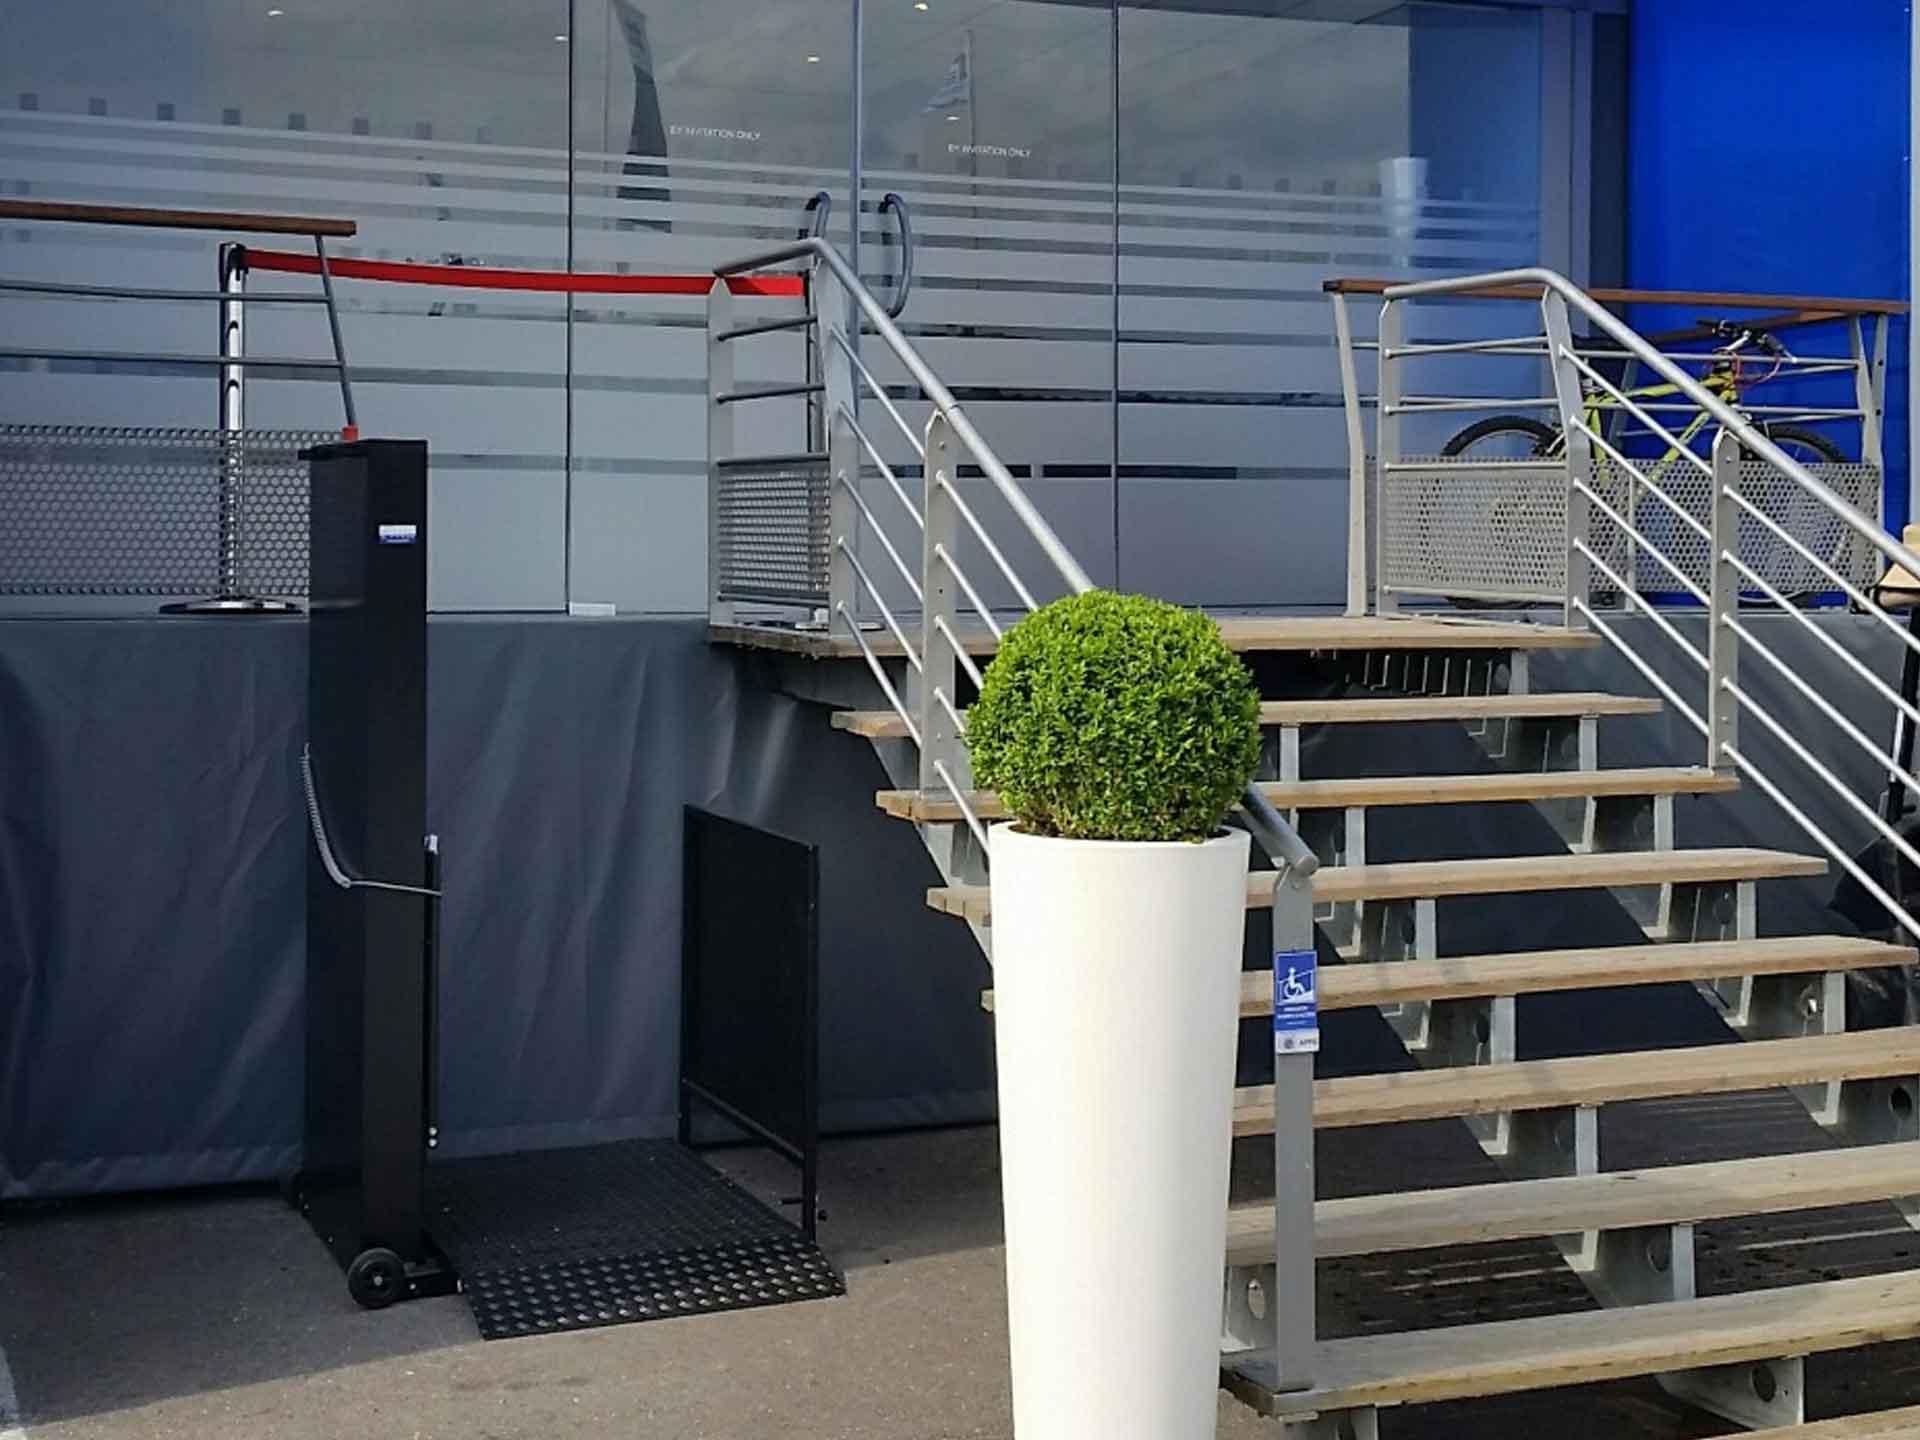 Louer une plateforme élévatrice électrique Orion, permet l'accès aux pmr et handicapés à vos évènements, salons, séminaires...